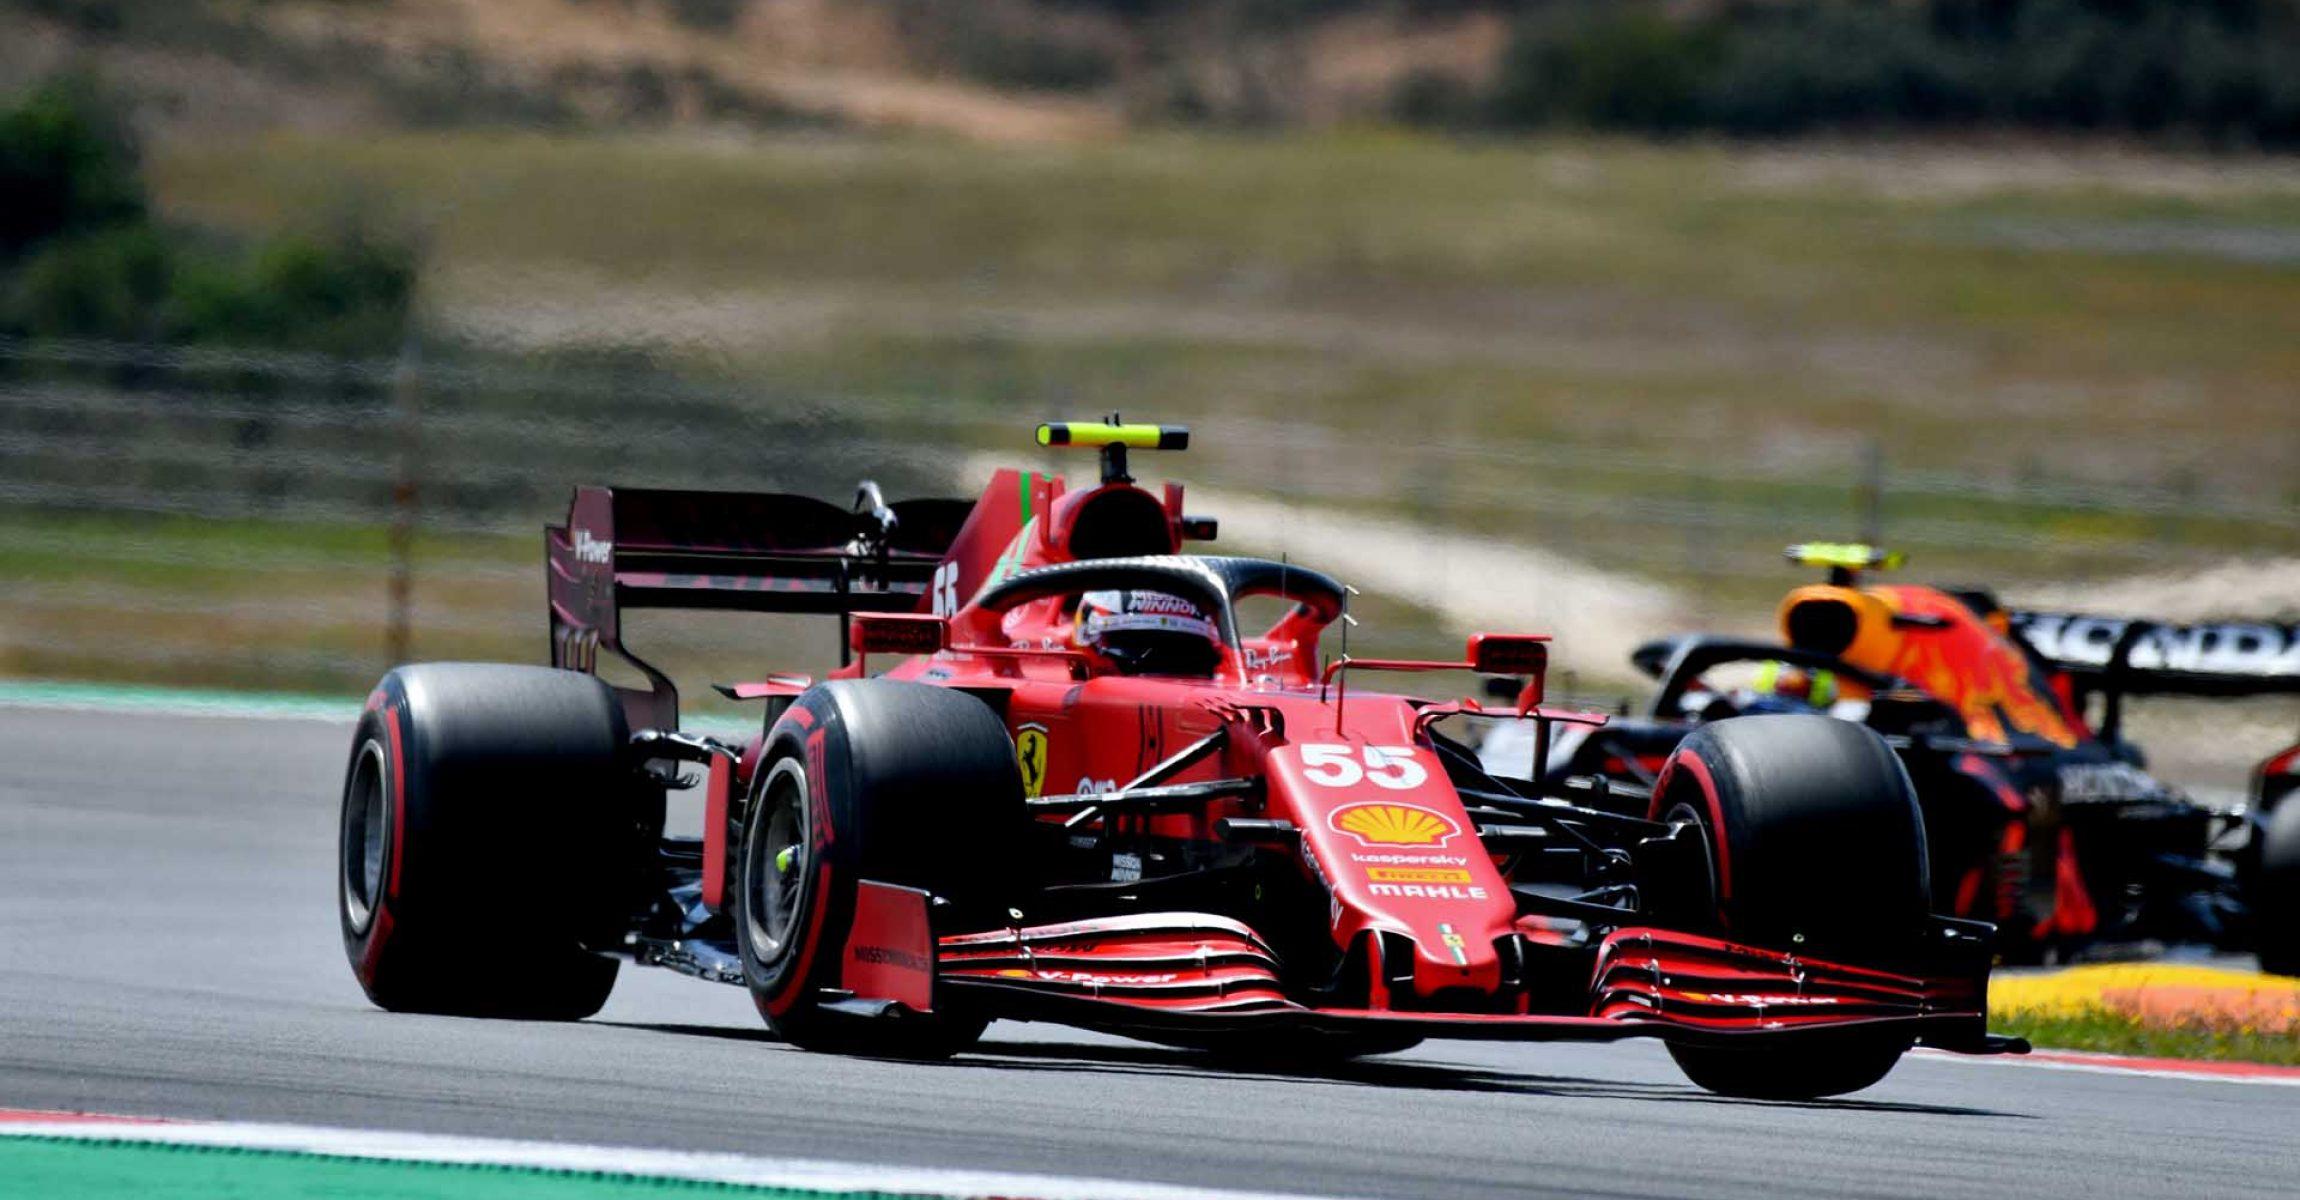 GP PORTOGALLO F1/2021 - DOMENICA 02/05/2021   credit: @Scuderia Ferrari Press Office Carlos Sainz